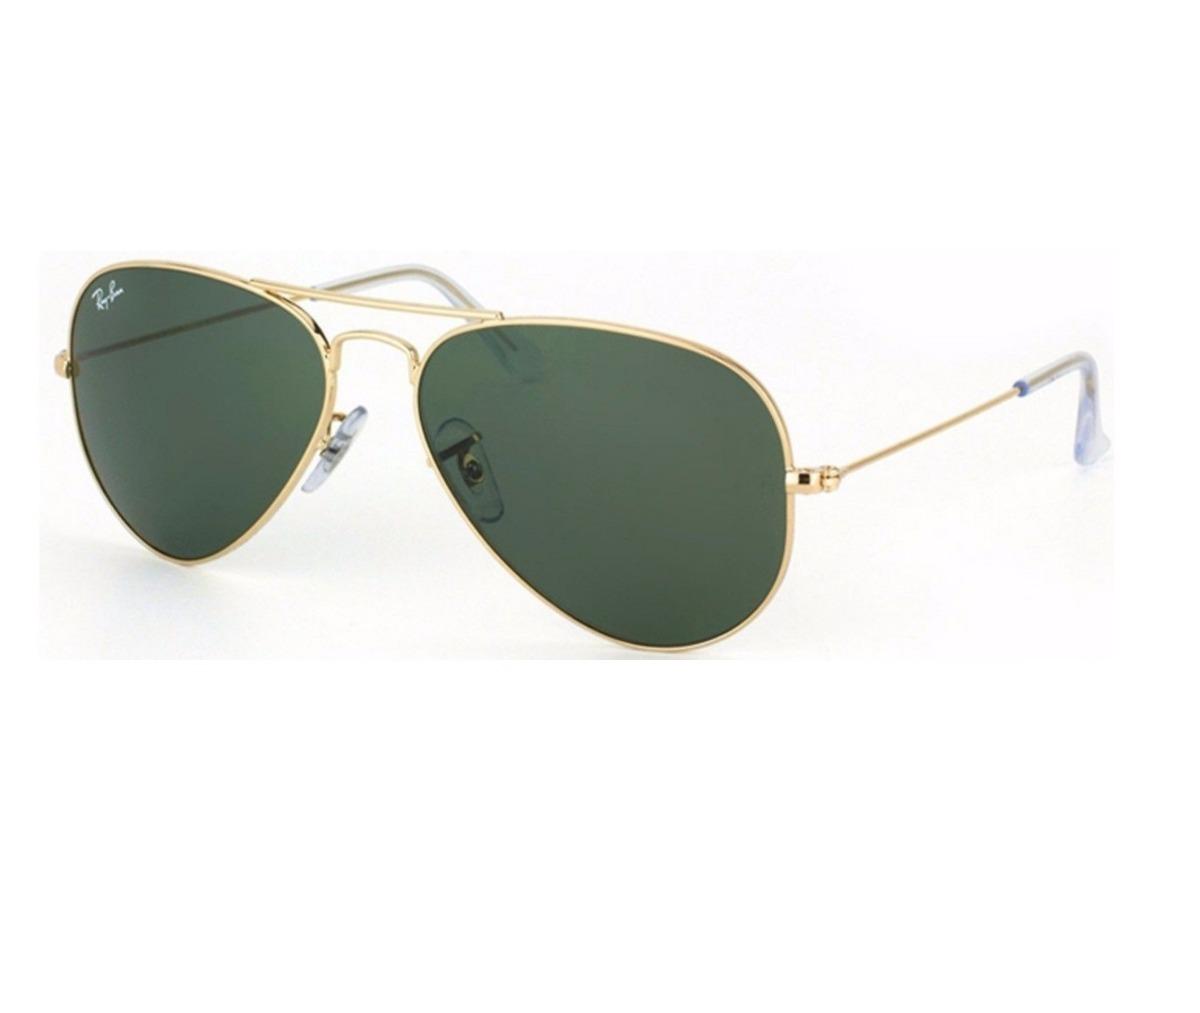 ac88f08331b59 ray ban aviador 3025 dourado com verde g15 original oferta. Carregando zoom.